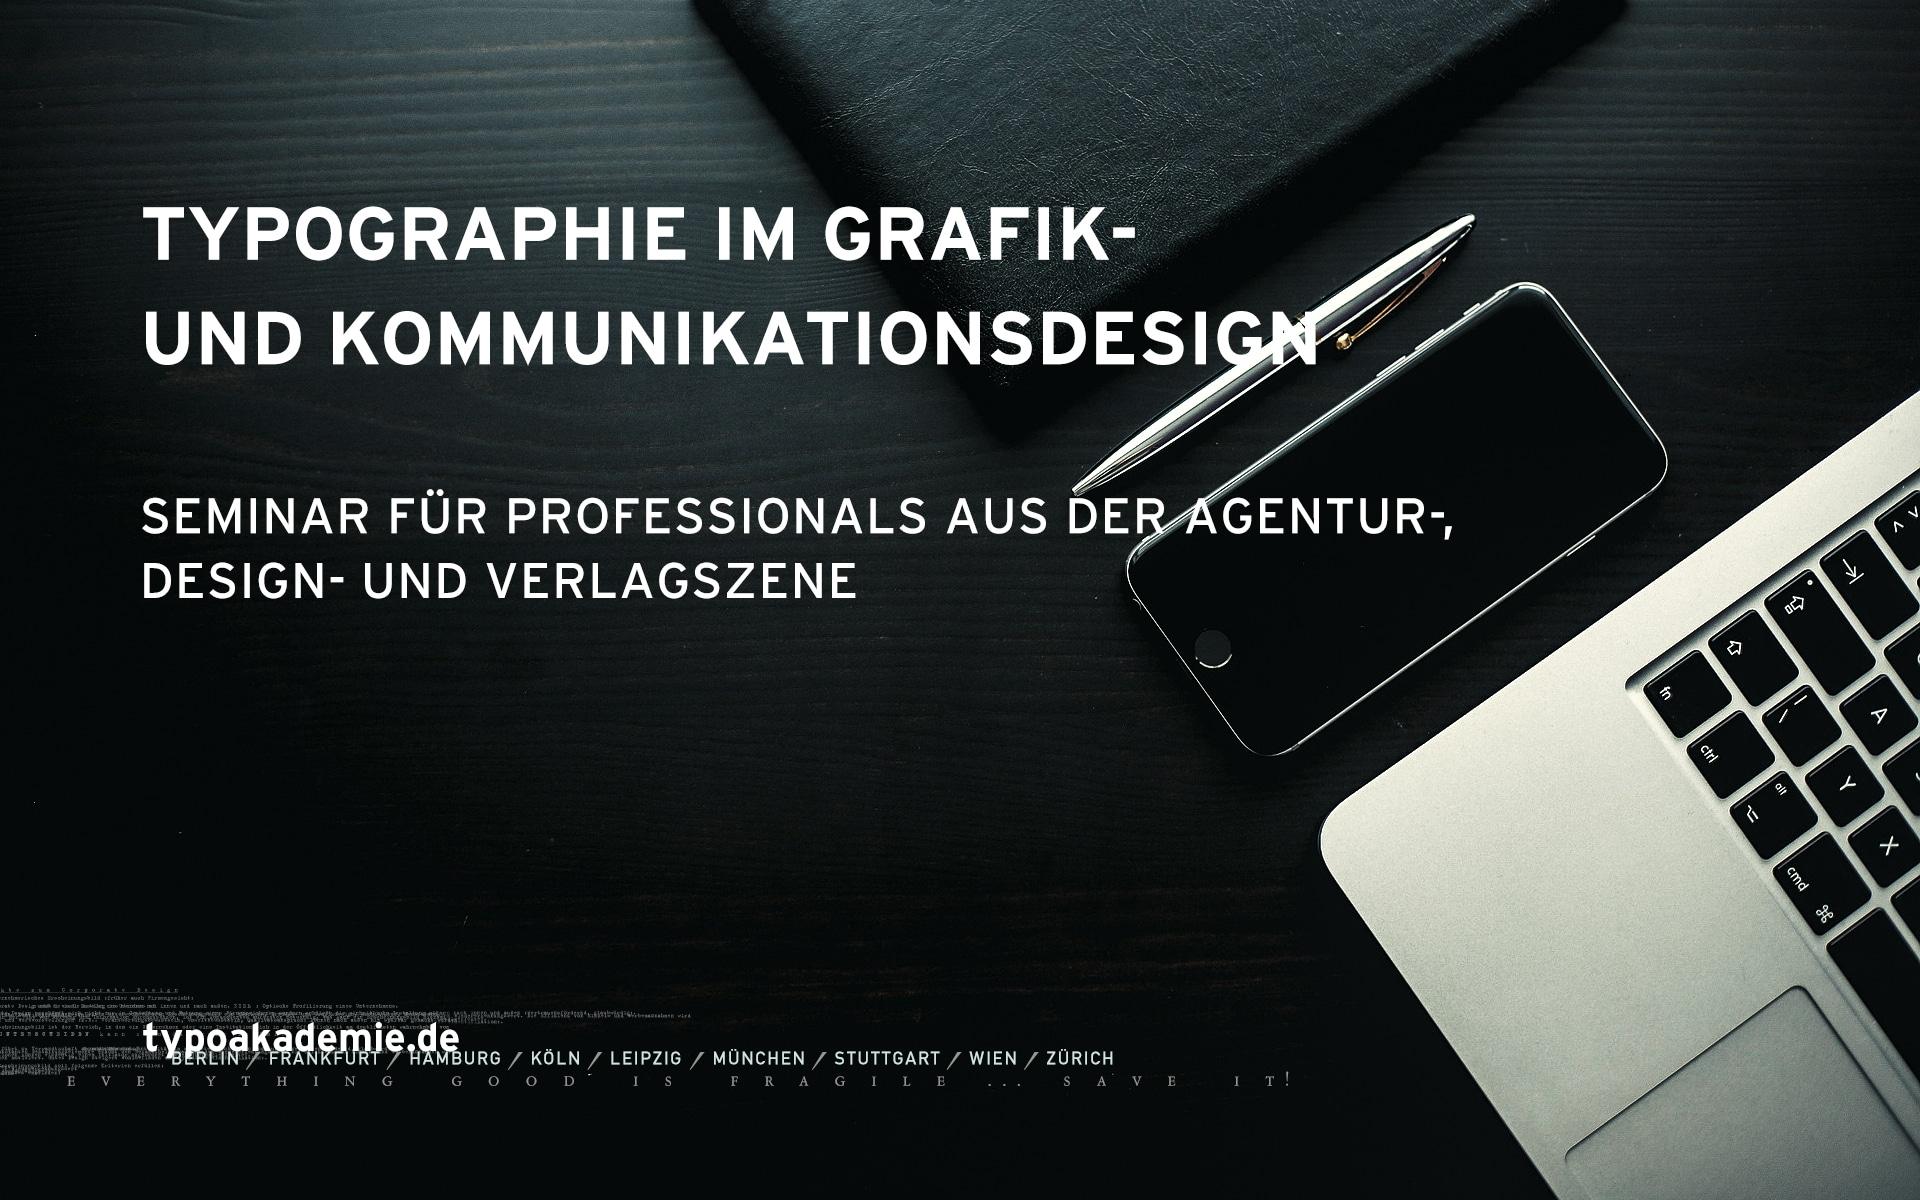 Typographie im grafik und kommunikationsdesign designbote for Grafik und kommunikationsdesign